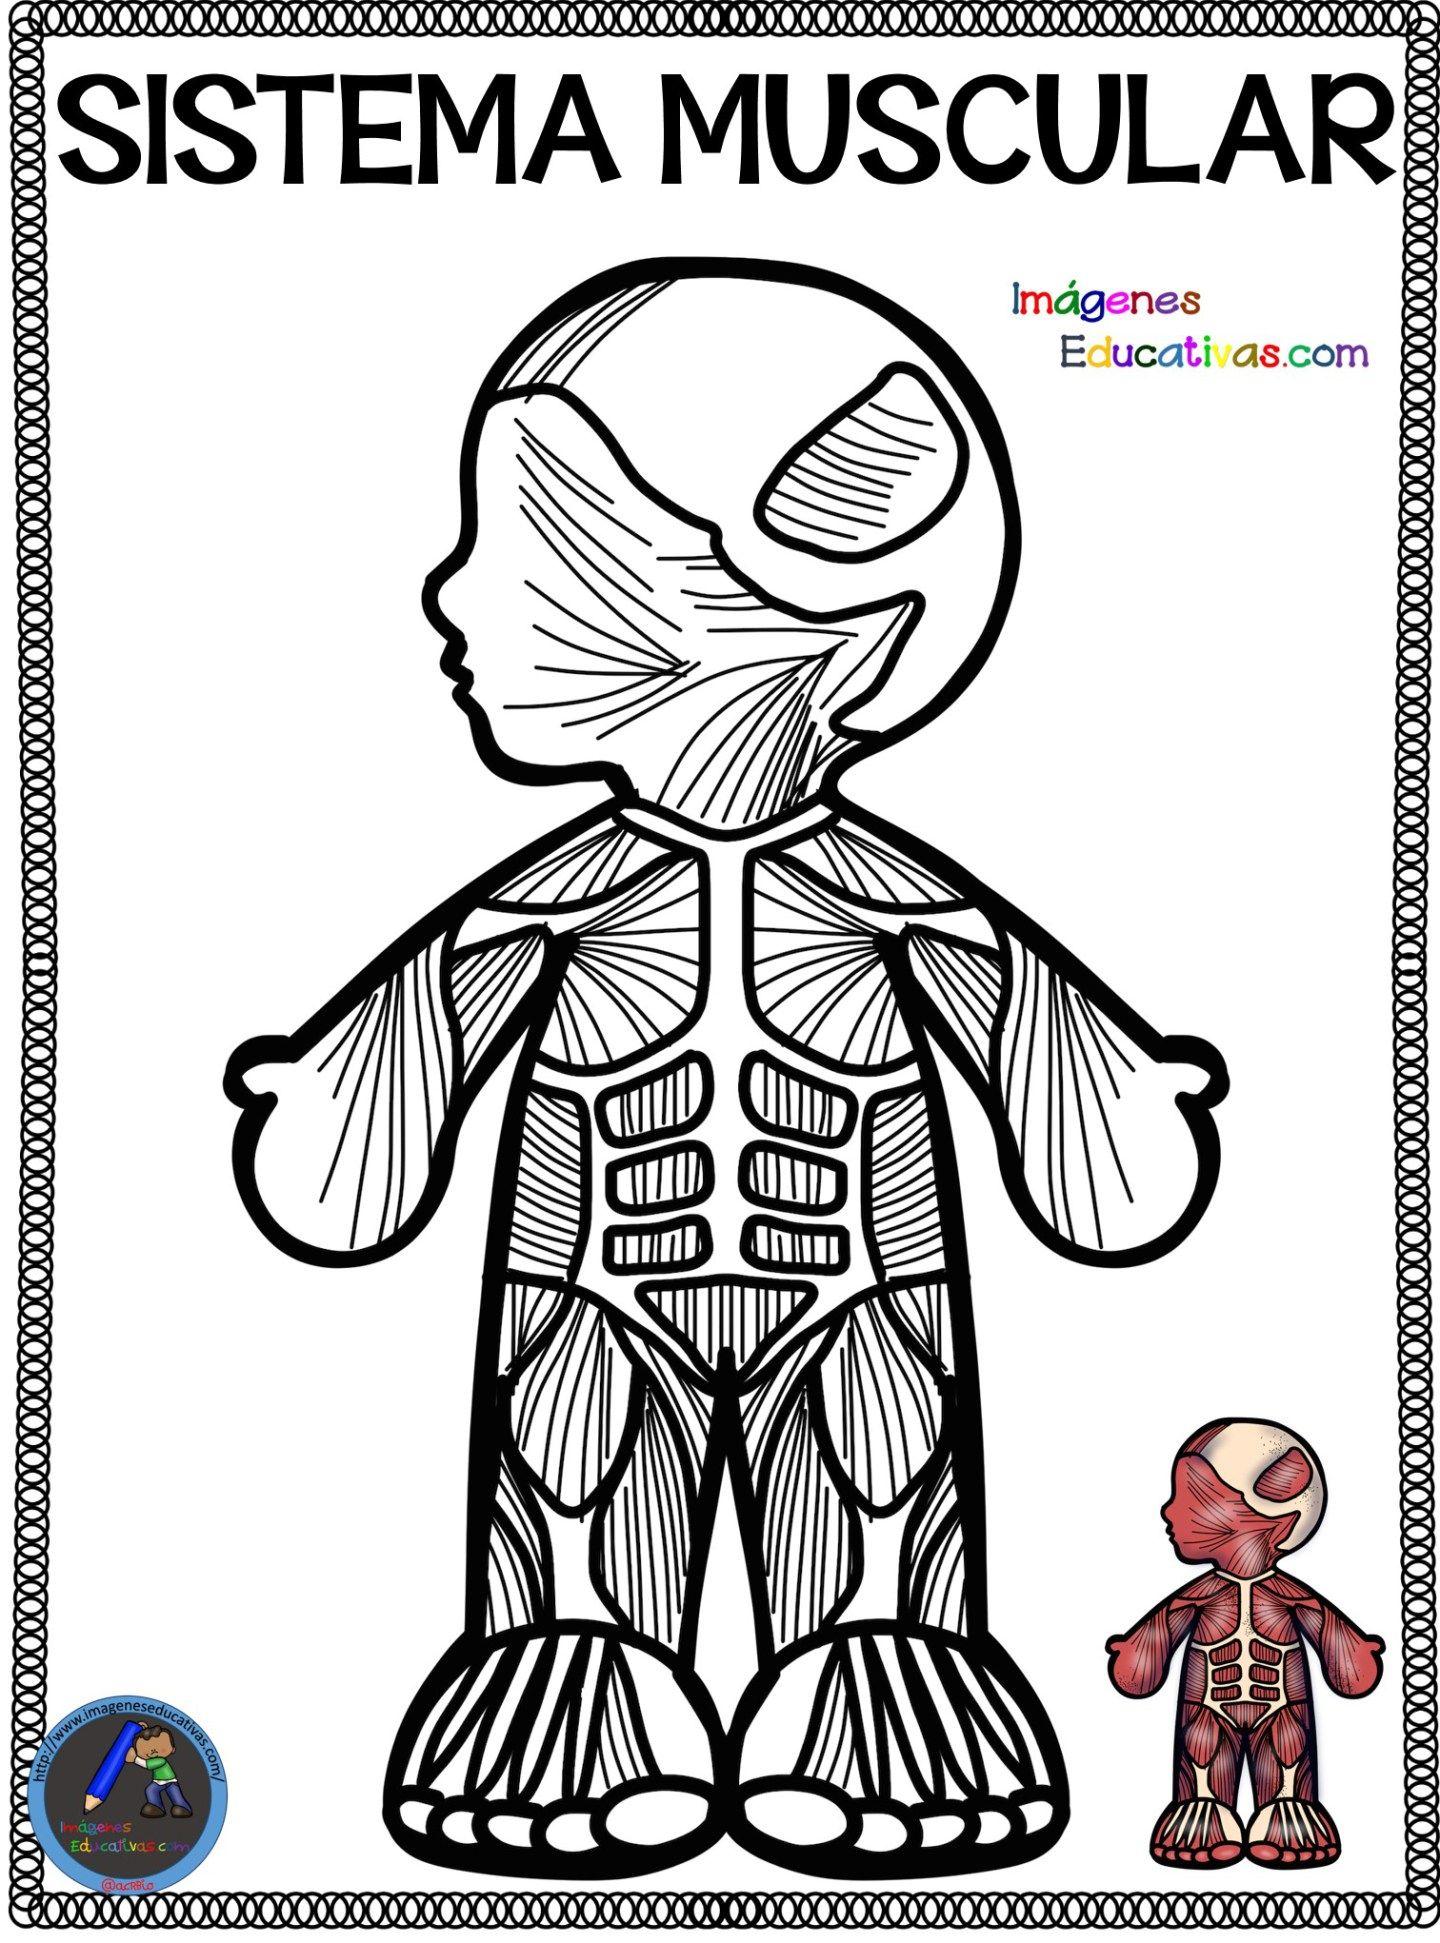 Cuaderno del Cuerpo Humano para colorear | Aparatos del cuerpo humano, Cuerpo  humano para niños, Cuerpo humano